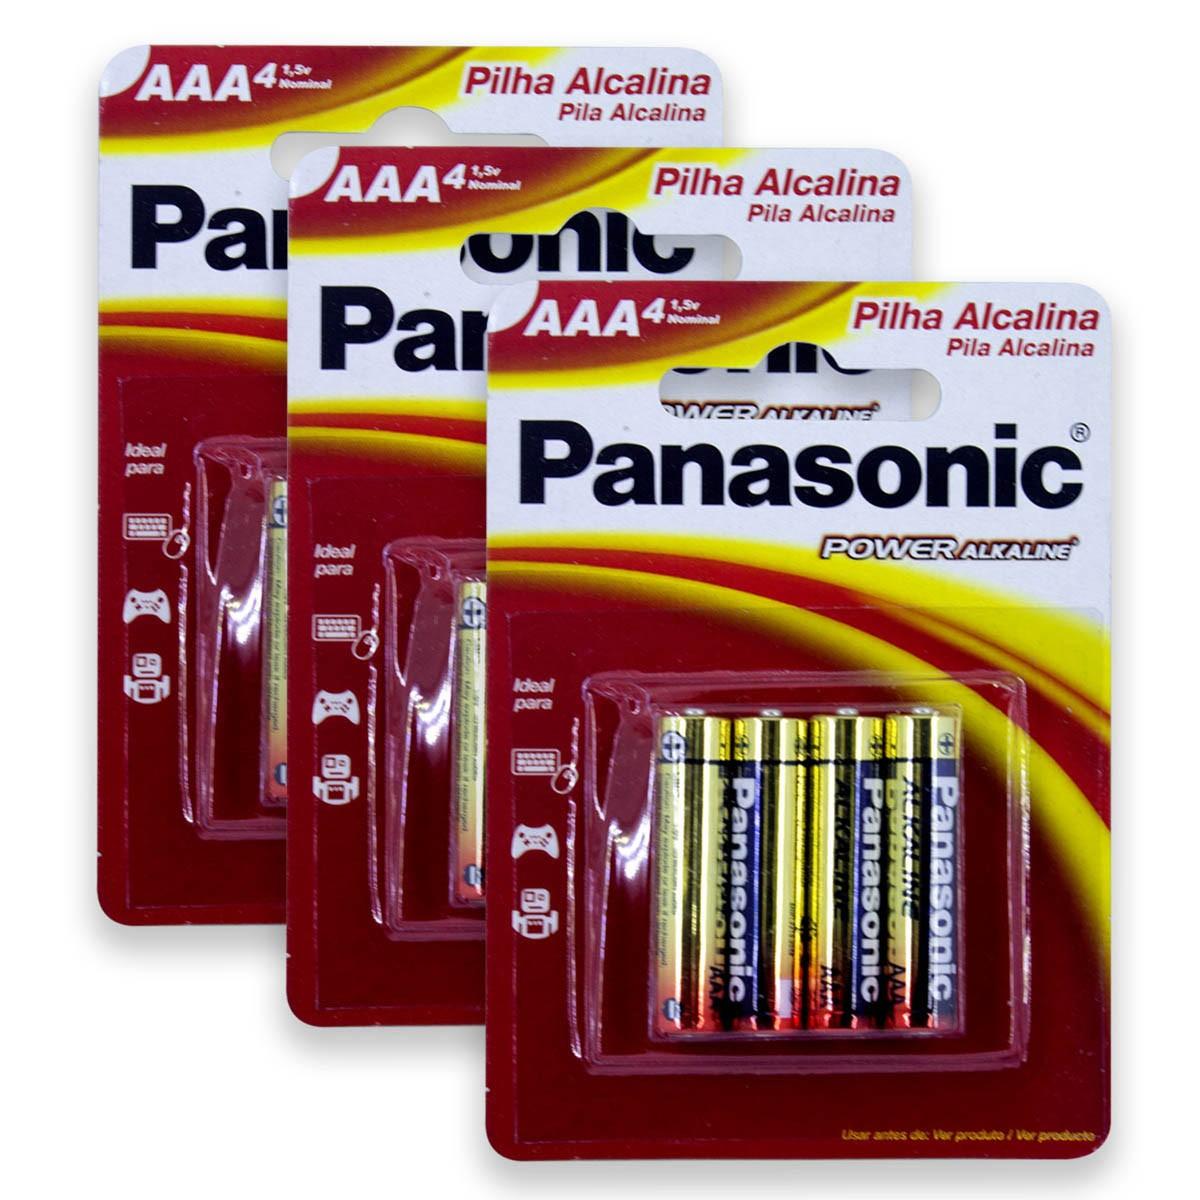 12 Pilhas AAA Alcalina PANASONIC 3 cartelas